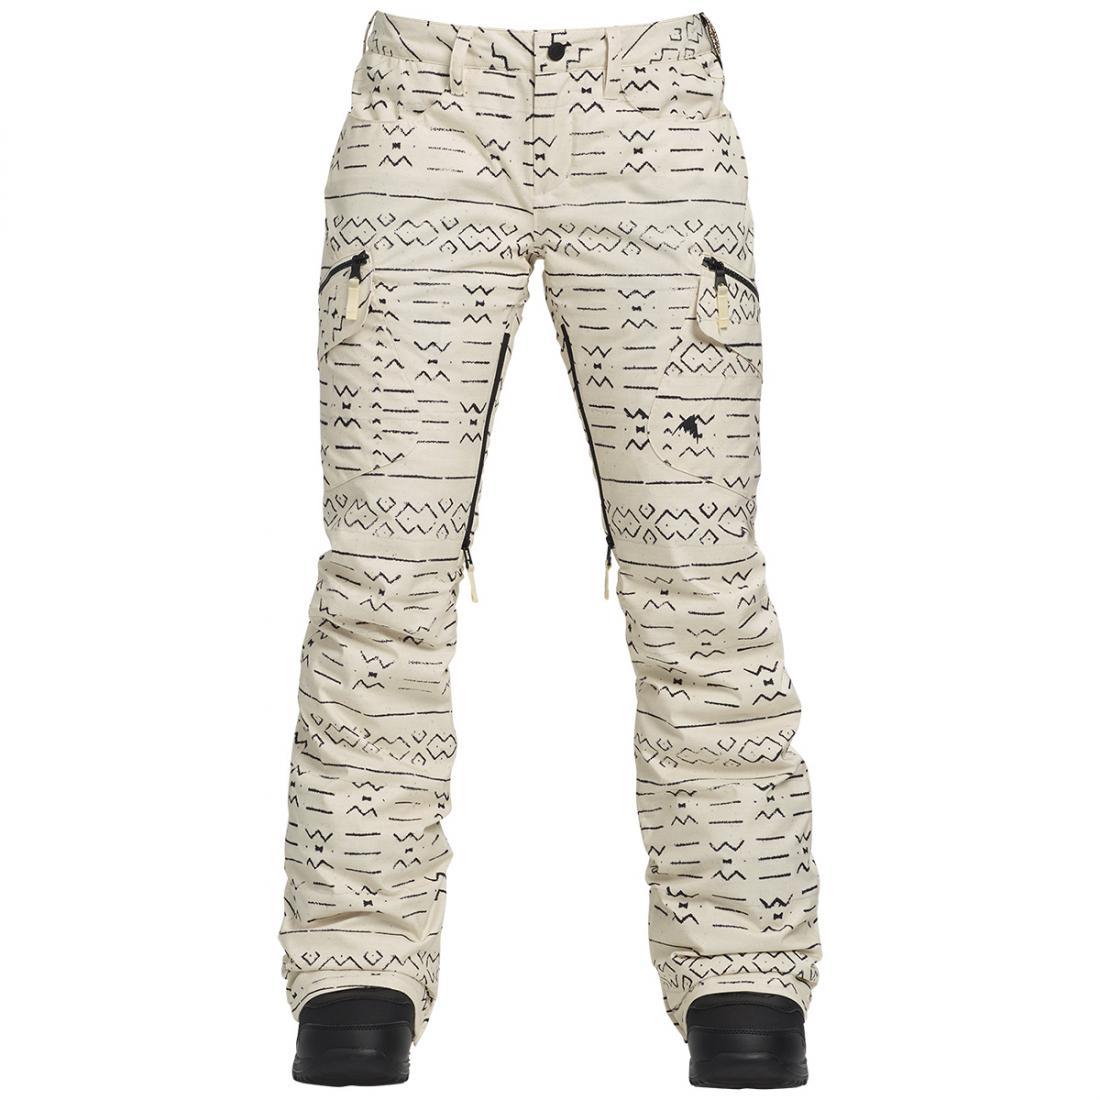 БРЮКИ Ж Г/Л W GLORIA INS PTБрюки, штаны<br><br> Женские брюки Burton Gloria Insulated Pant зауженного кроя от известного американского бренда Burton идеально подойдут для катания по горным склонам. Двухслойная дышащая водонепроницаемая мембрана DRYRIDE™, полностью проклеенные швы и теплая подкла...